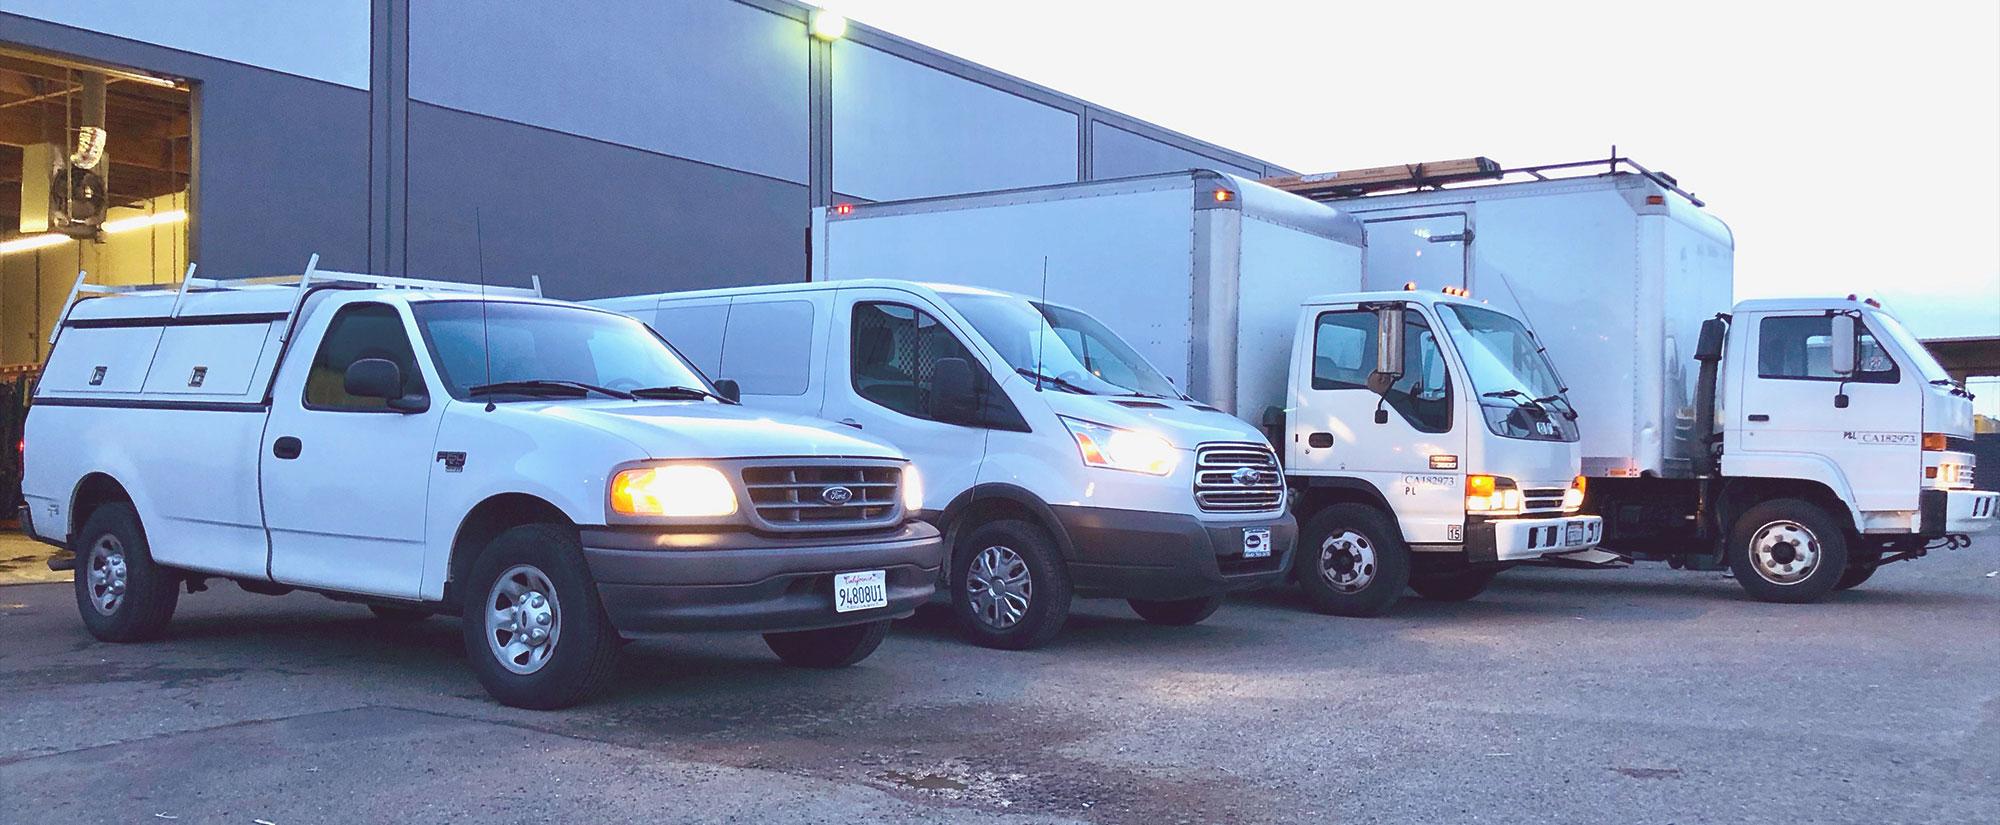 Parked Heavy-Duty Vehicles